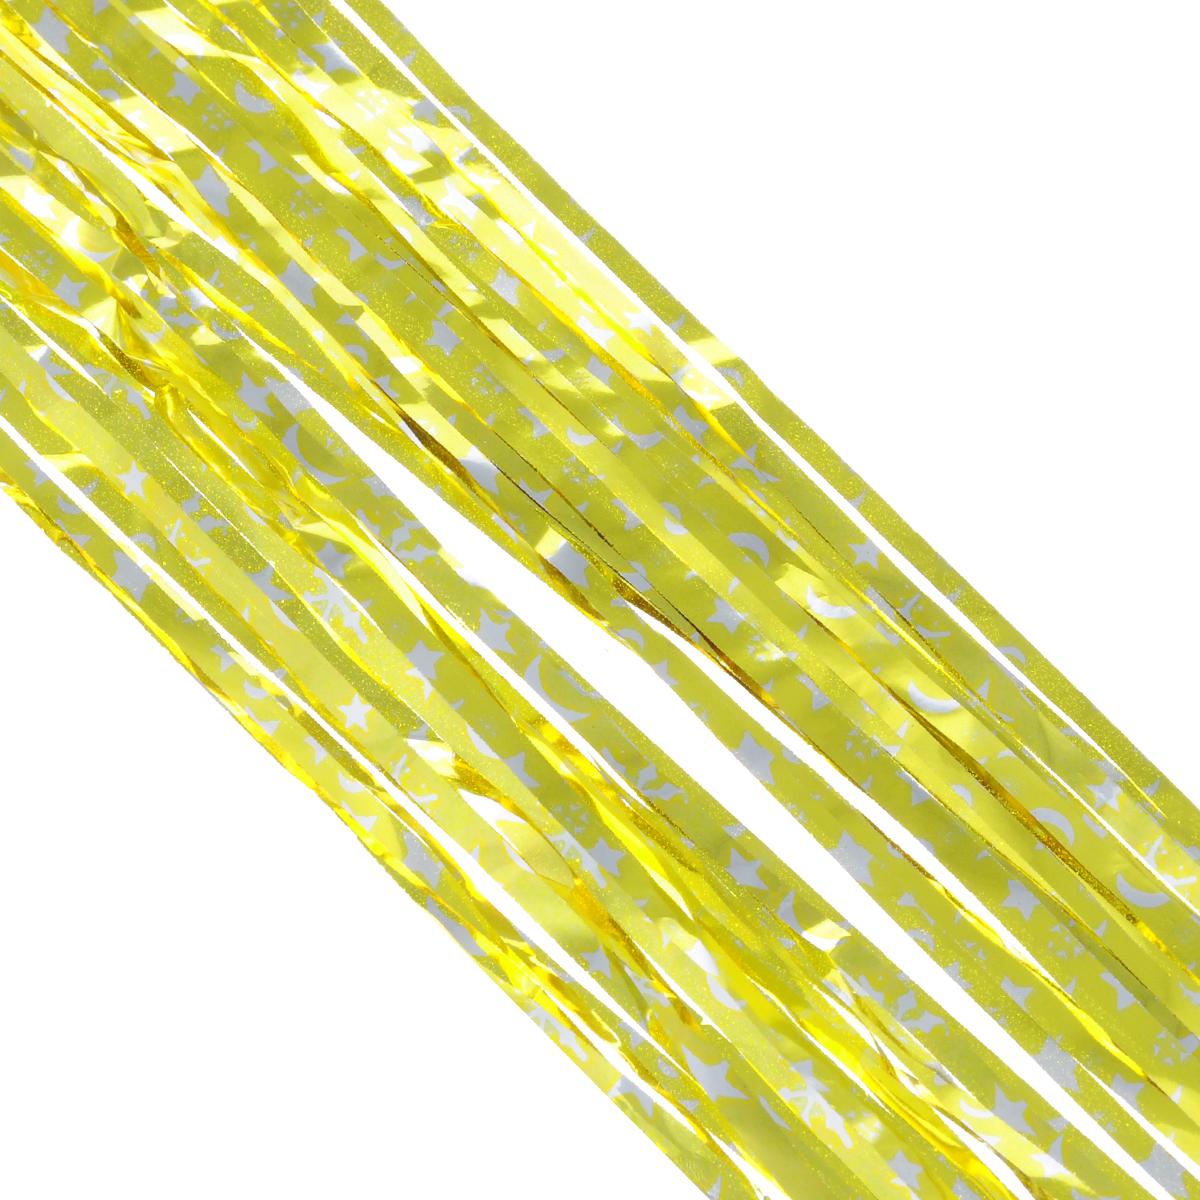 Дождик новогодний Sima-land, цвет: золотистый, 17 х 180 см. 702547702547_желтыйНовогодний дождик Sima-land, изготовленный из фольги, поможет вам украсить свой дом к предстоящим праздникам. Новогодняя елка с таким украшением станет еще наряднее. Новогодним дождиком можно украсить все, что угодно - елку, квартиру, дачу, офис - как внутри, так и снаружи. Можно сложить новогодние поздравления, буквы и цифры, дождиком можно украсить и дополнить гирлянды, можно выделить дверные колонны, оплести дверные проемы. Коллекция декоративных украшений из серии Зимнее волшебство принесет в ваш дом ни с чем несравнимое ощущение праздника! Создайте в своем доме атмосферу тепла, веселья и радости, украшая его всей семьей. Ширина: 17 см.